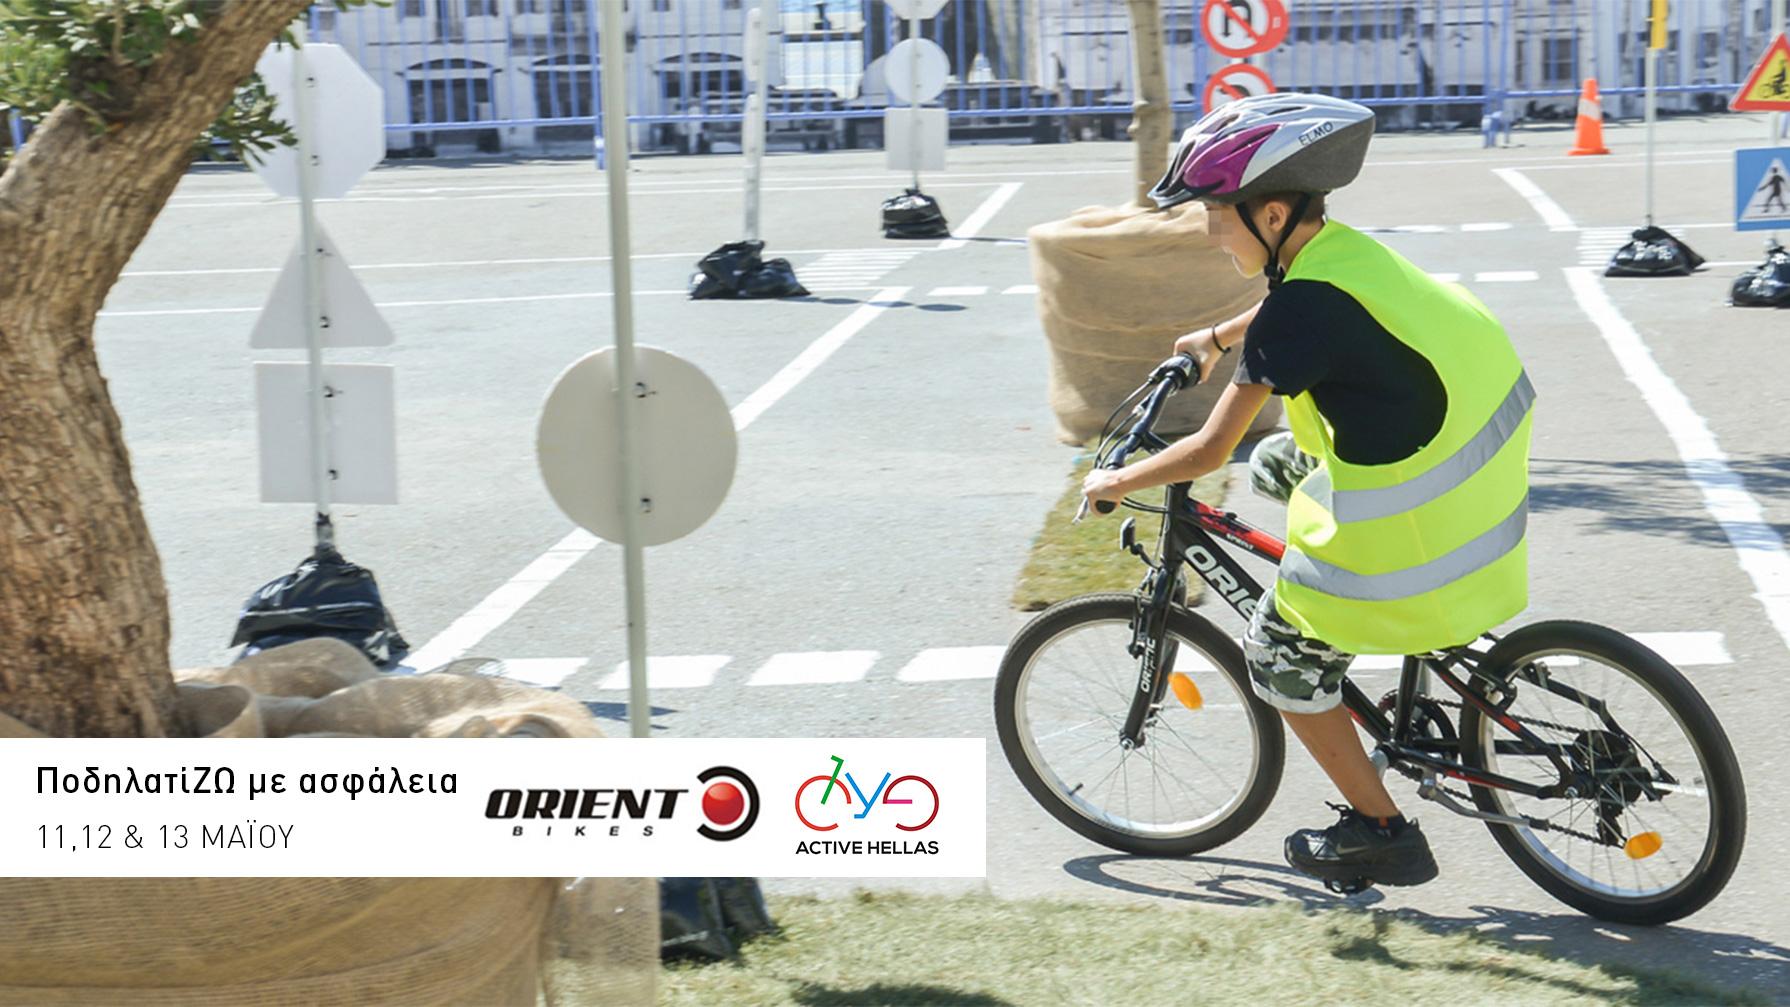 Το ΠοδηλατίΖΩ με ασφάλεια στην παραλία της Θεσσαλονίκης 11, 12 & 13 Μαΐου article cover image